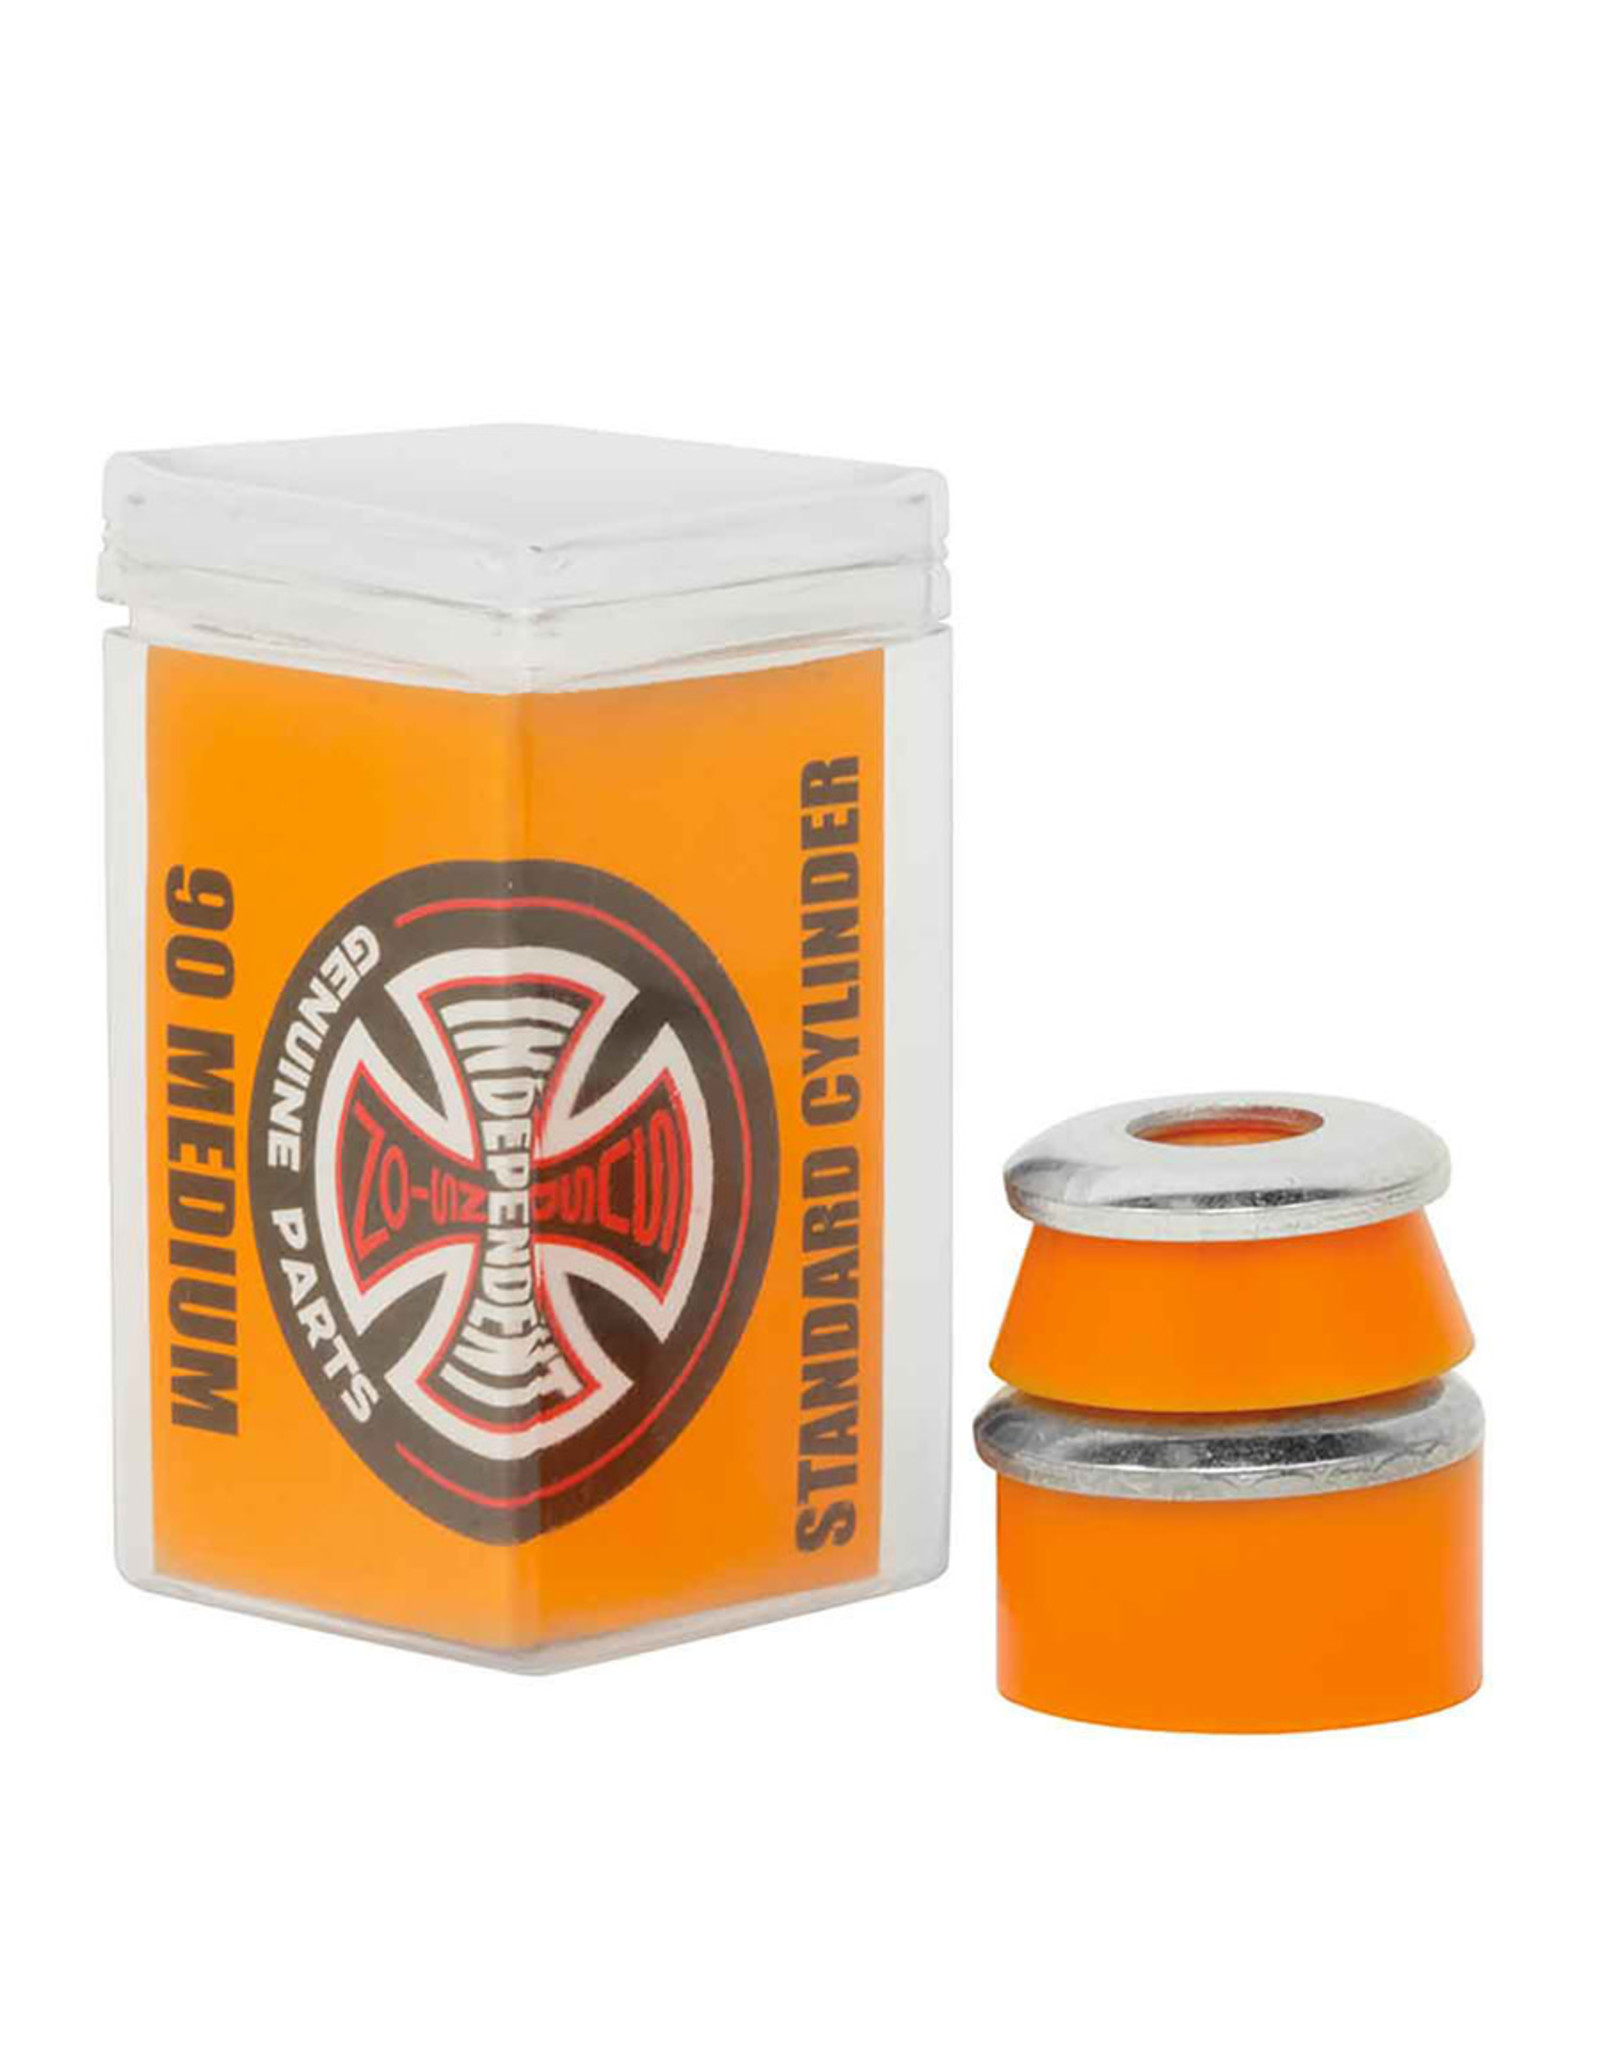 Independent Independent Bushings Standard Cylinder Medium Orange (90a)